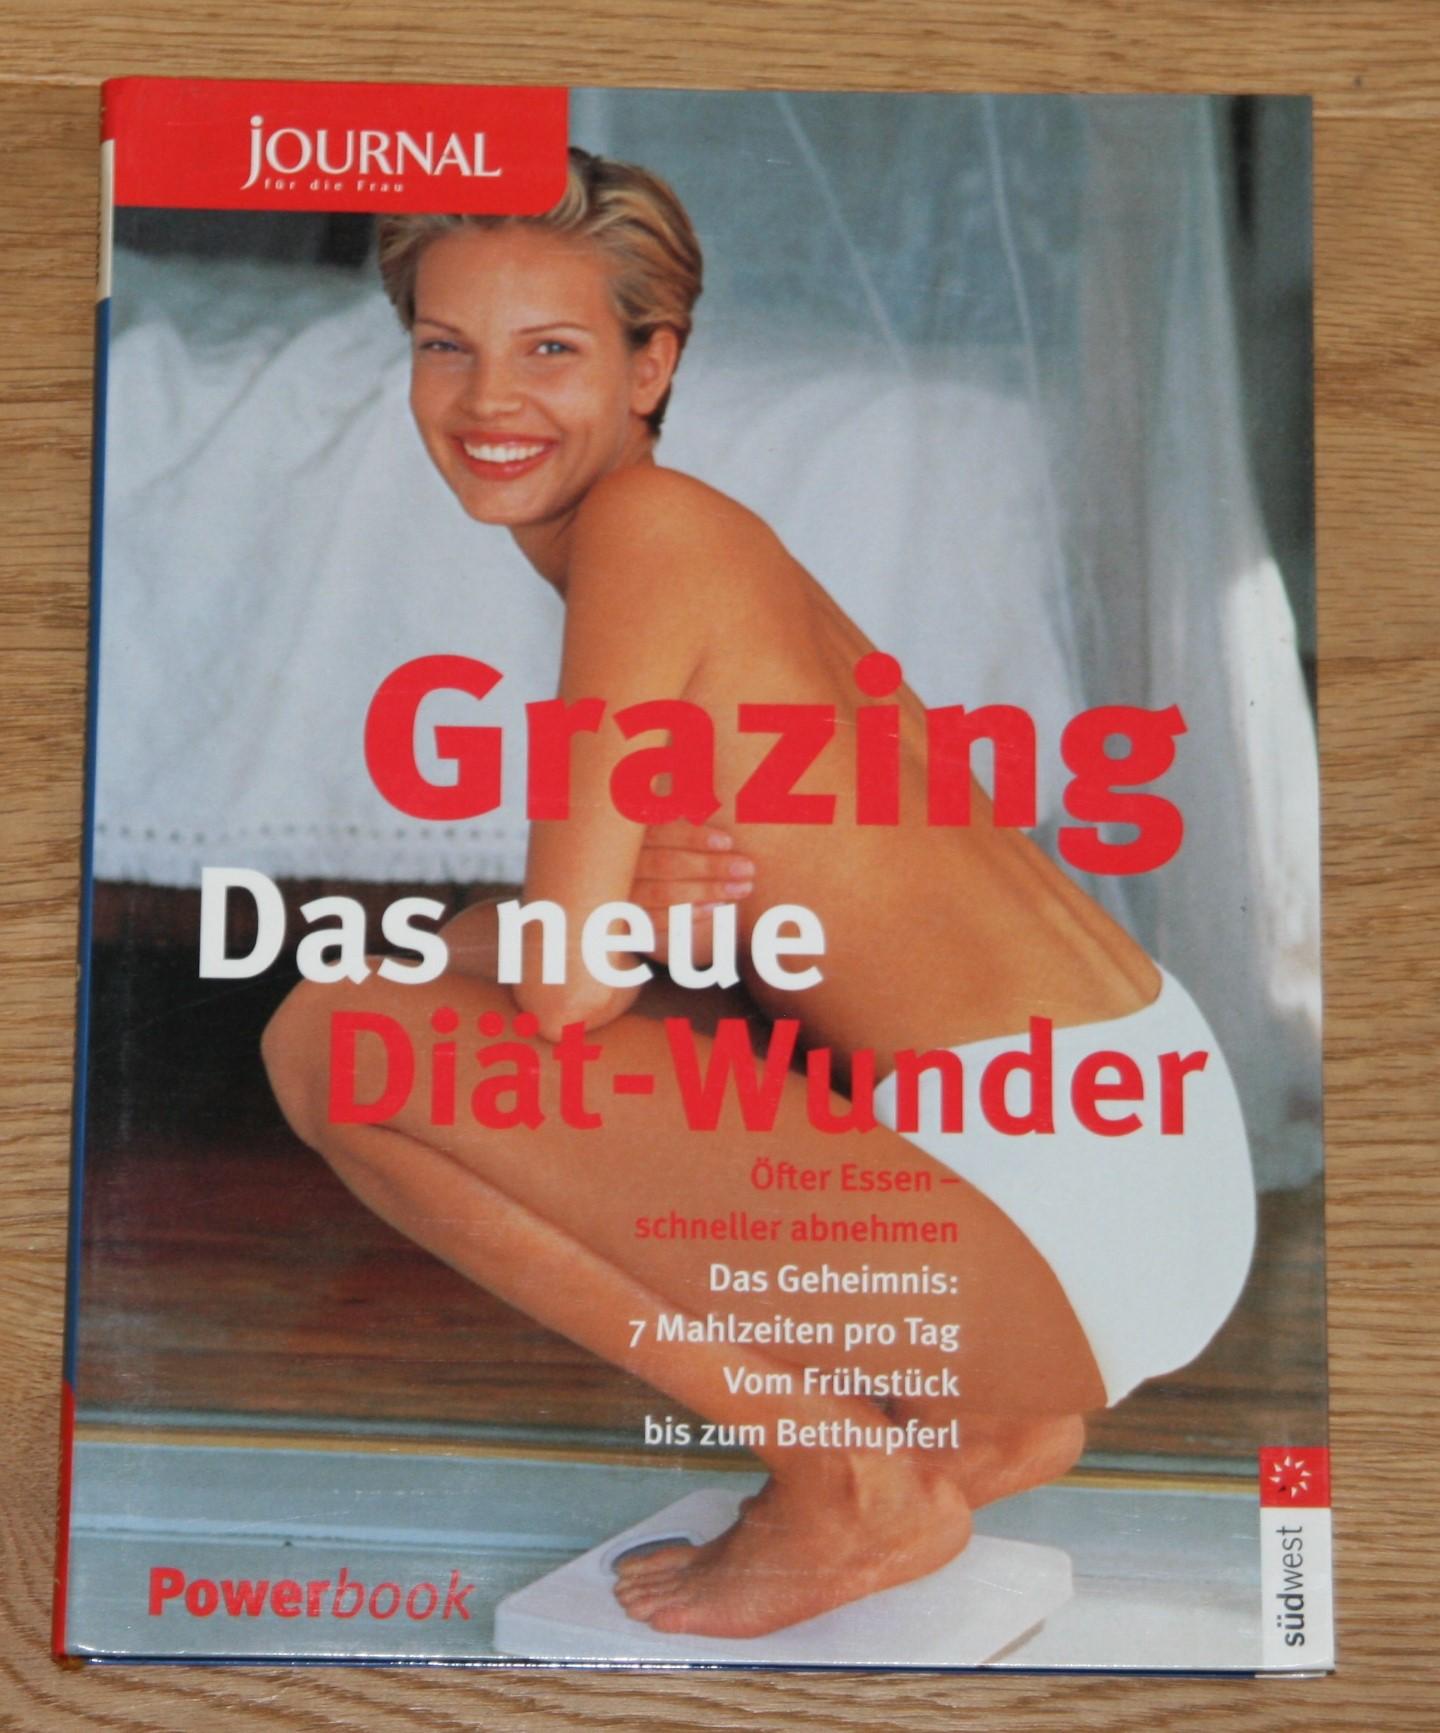 Grazing - Das neue Diät-Wunder: Öfter essen - schneller abnehmen. [Das Geheimnis: 7 Mahlzeiten pro Tag. Vom Frühstück bis zum Betthupferl. Journal für die Frau, Powerbook.], 3. Auflage,